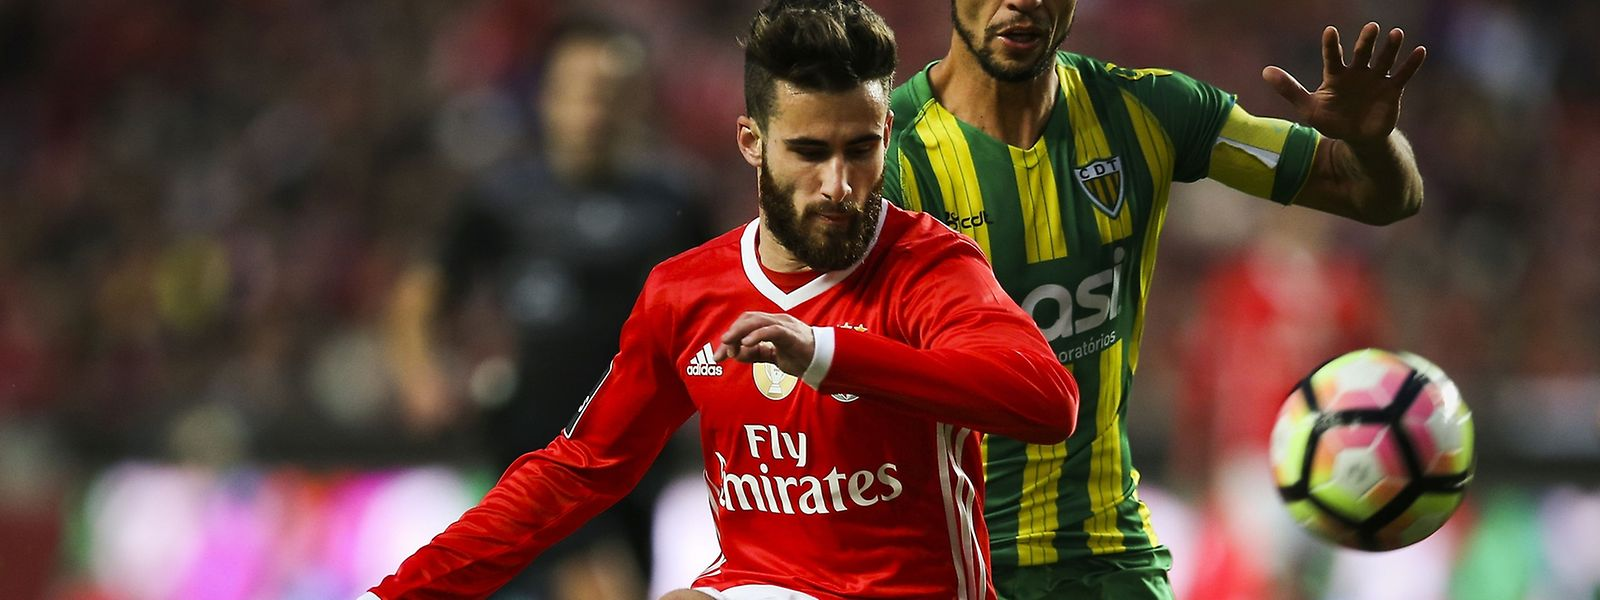 Rafa marcou um grande golo frente ao Tondela